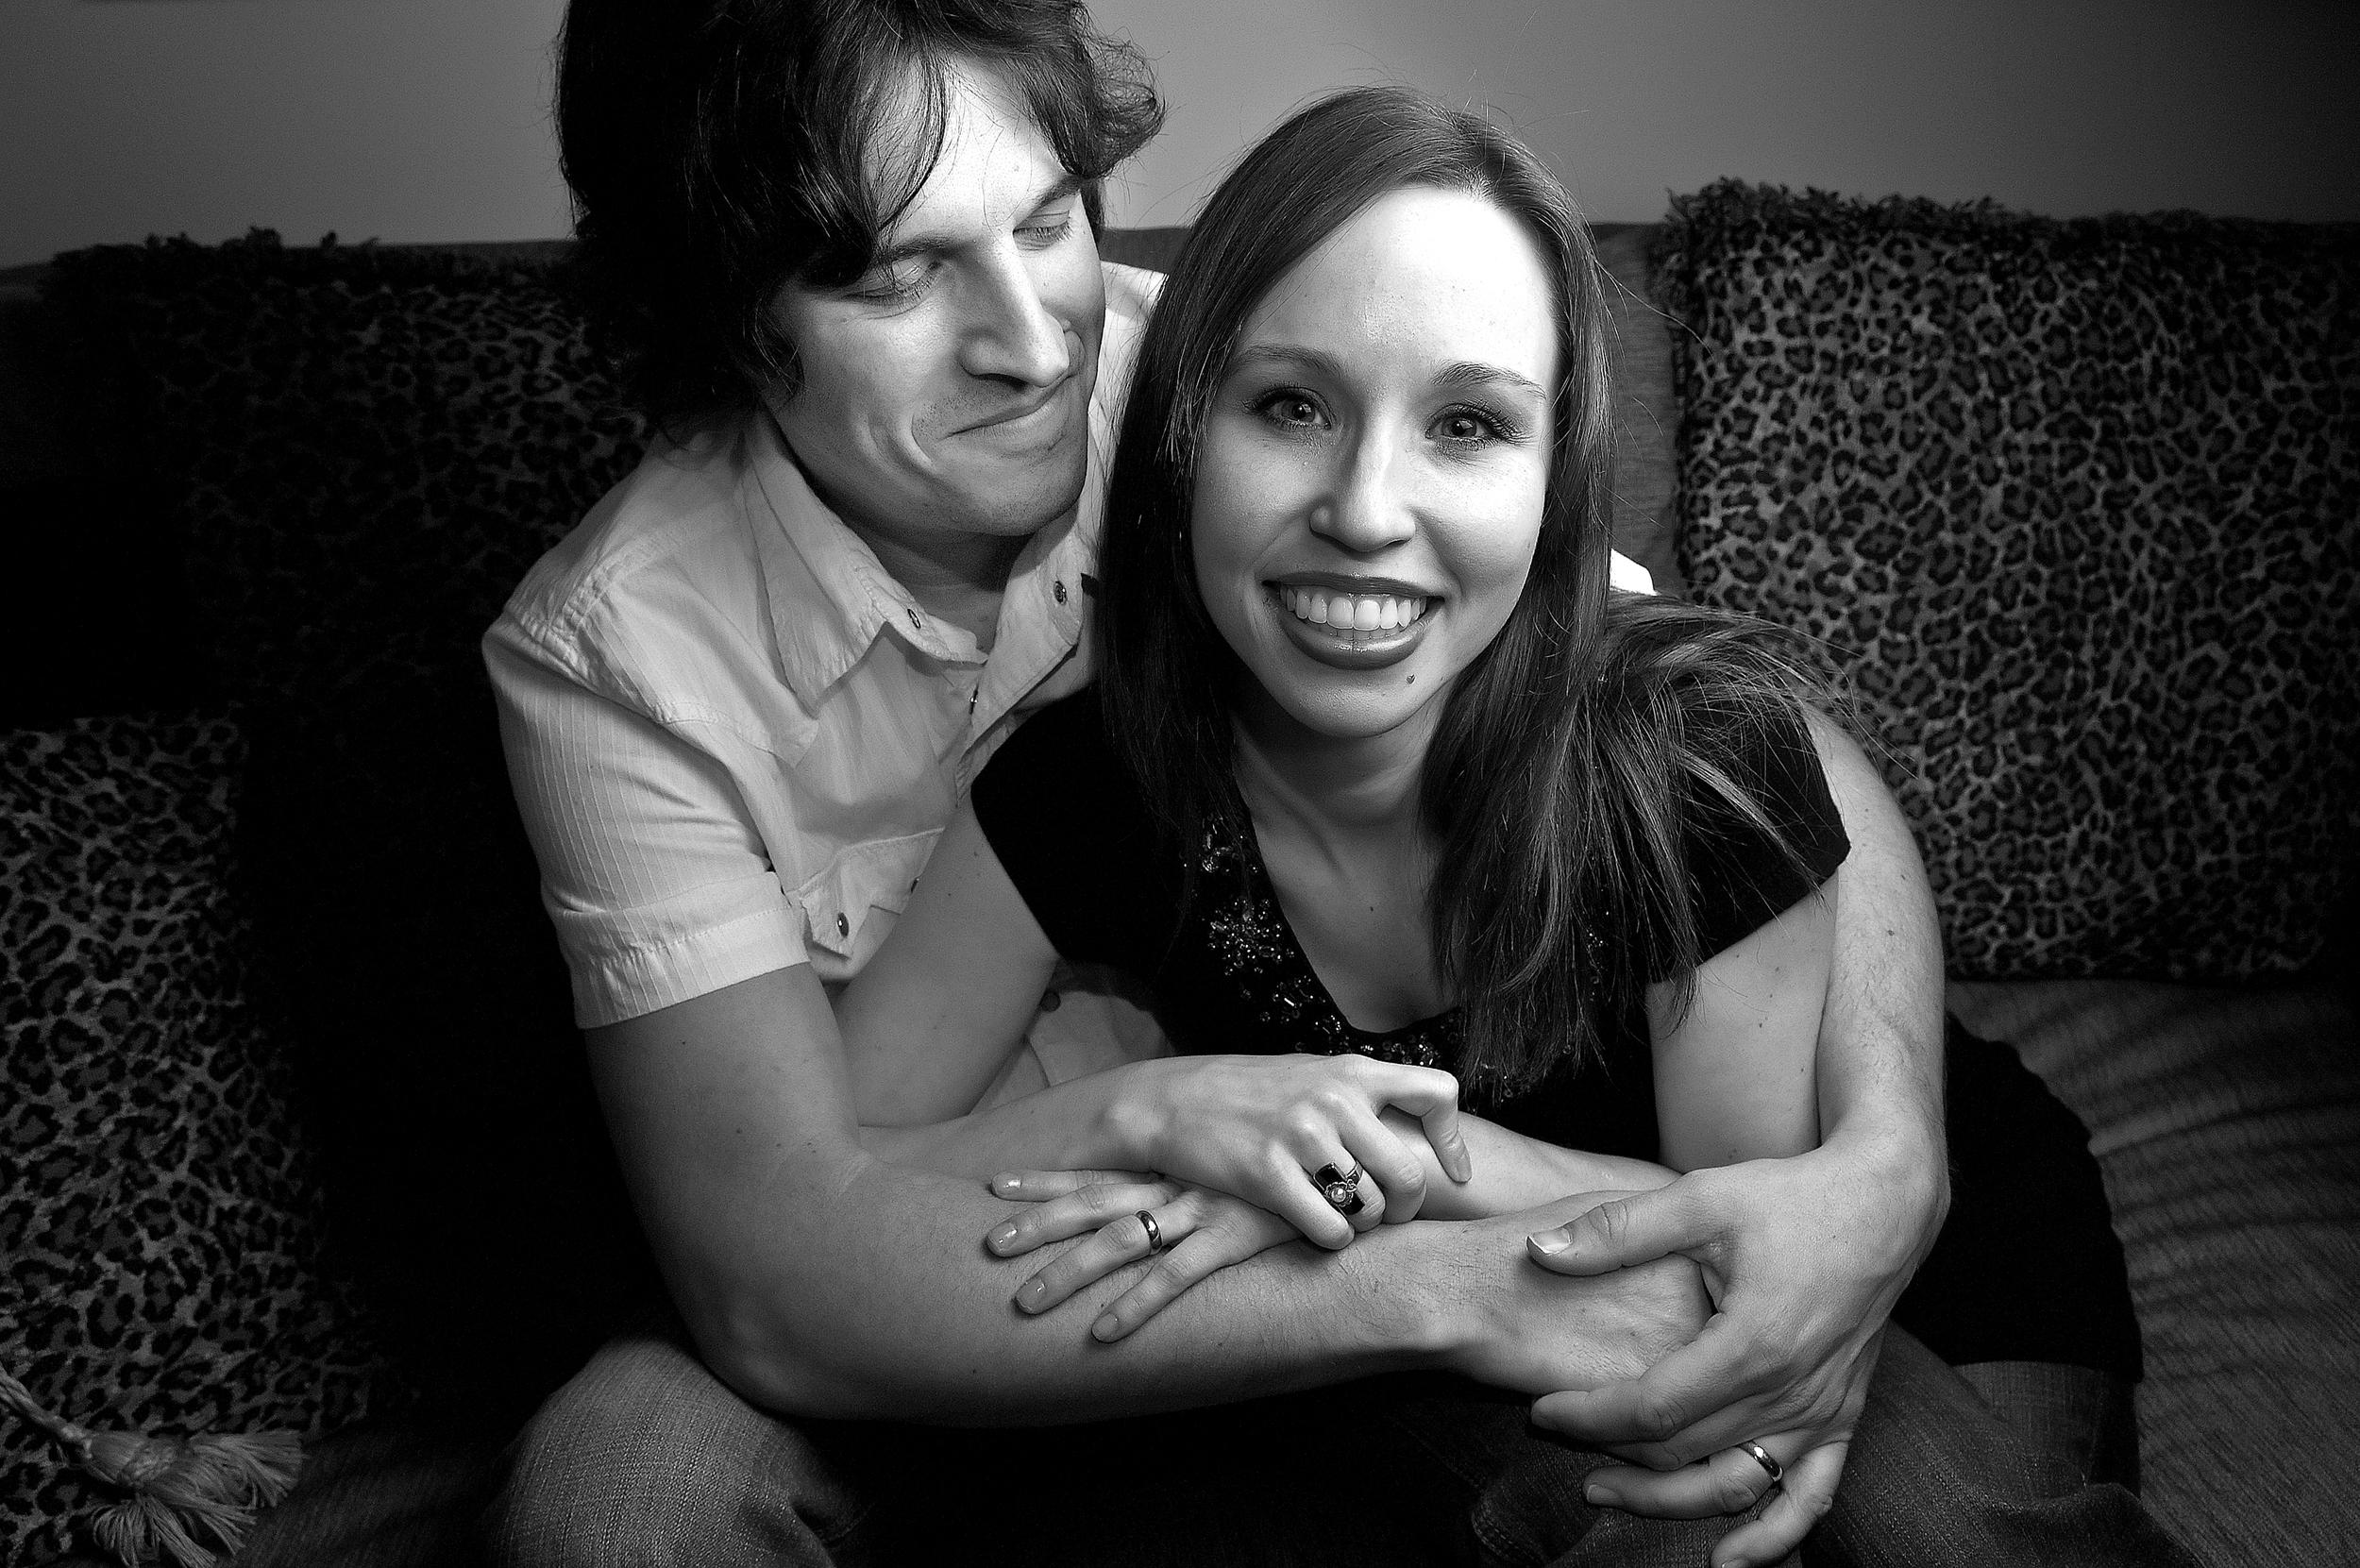 Brad and Theresa 2